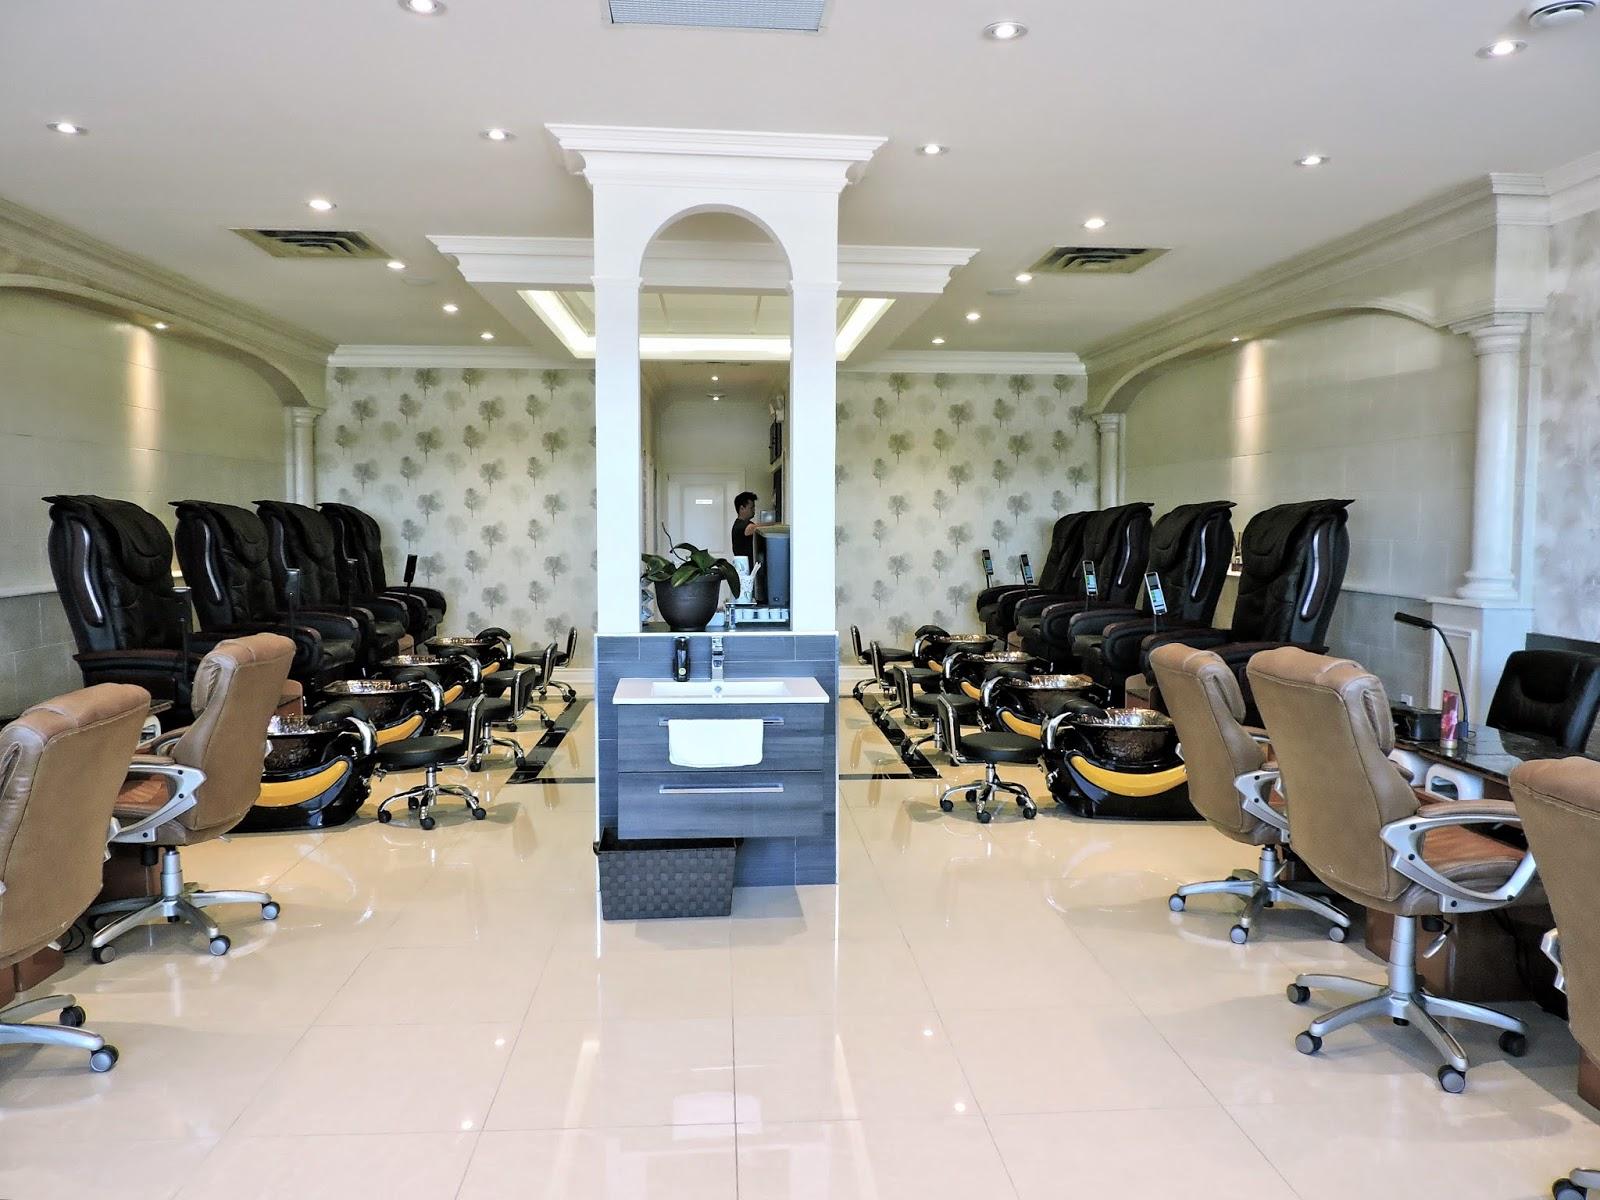 Lan Nail & Spa, 546 Bath Road, Kingston, Reviews and Appointments ...